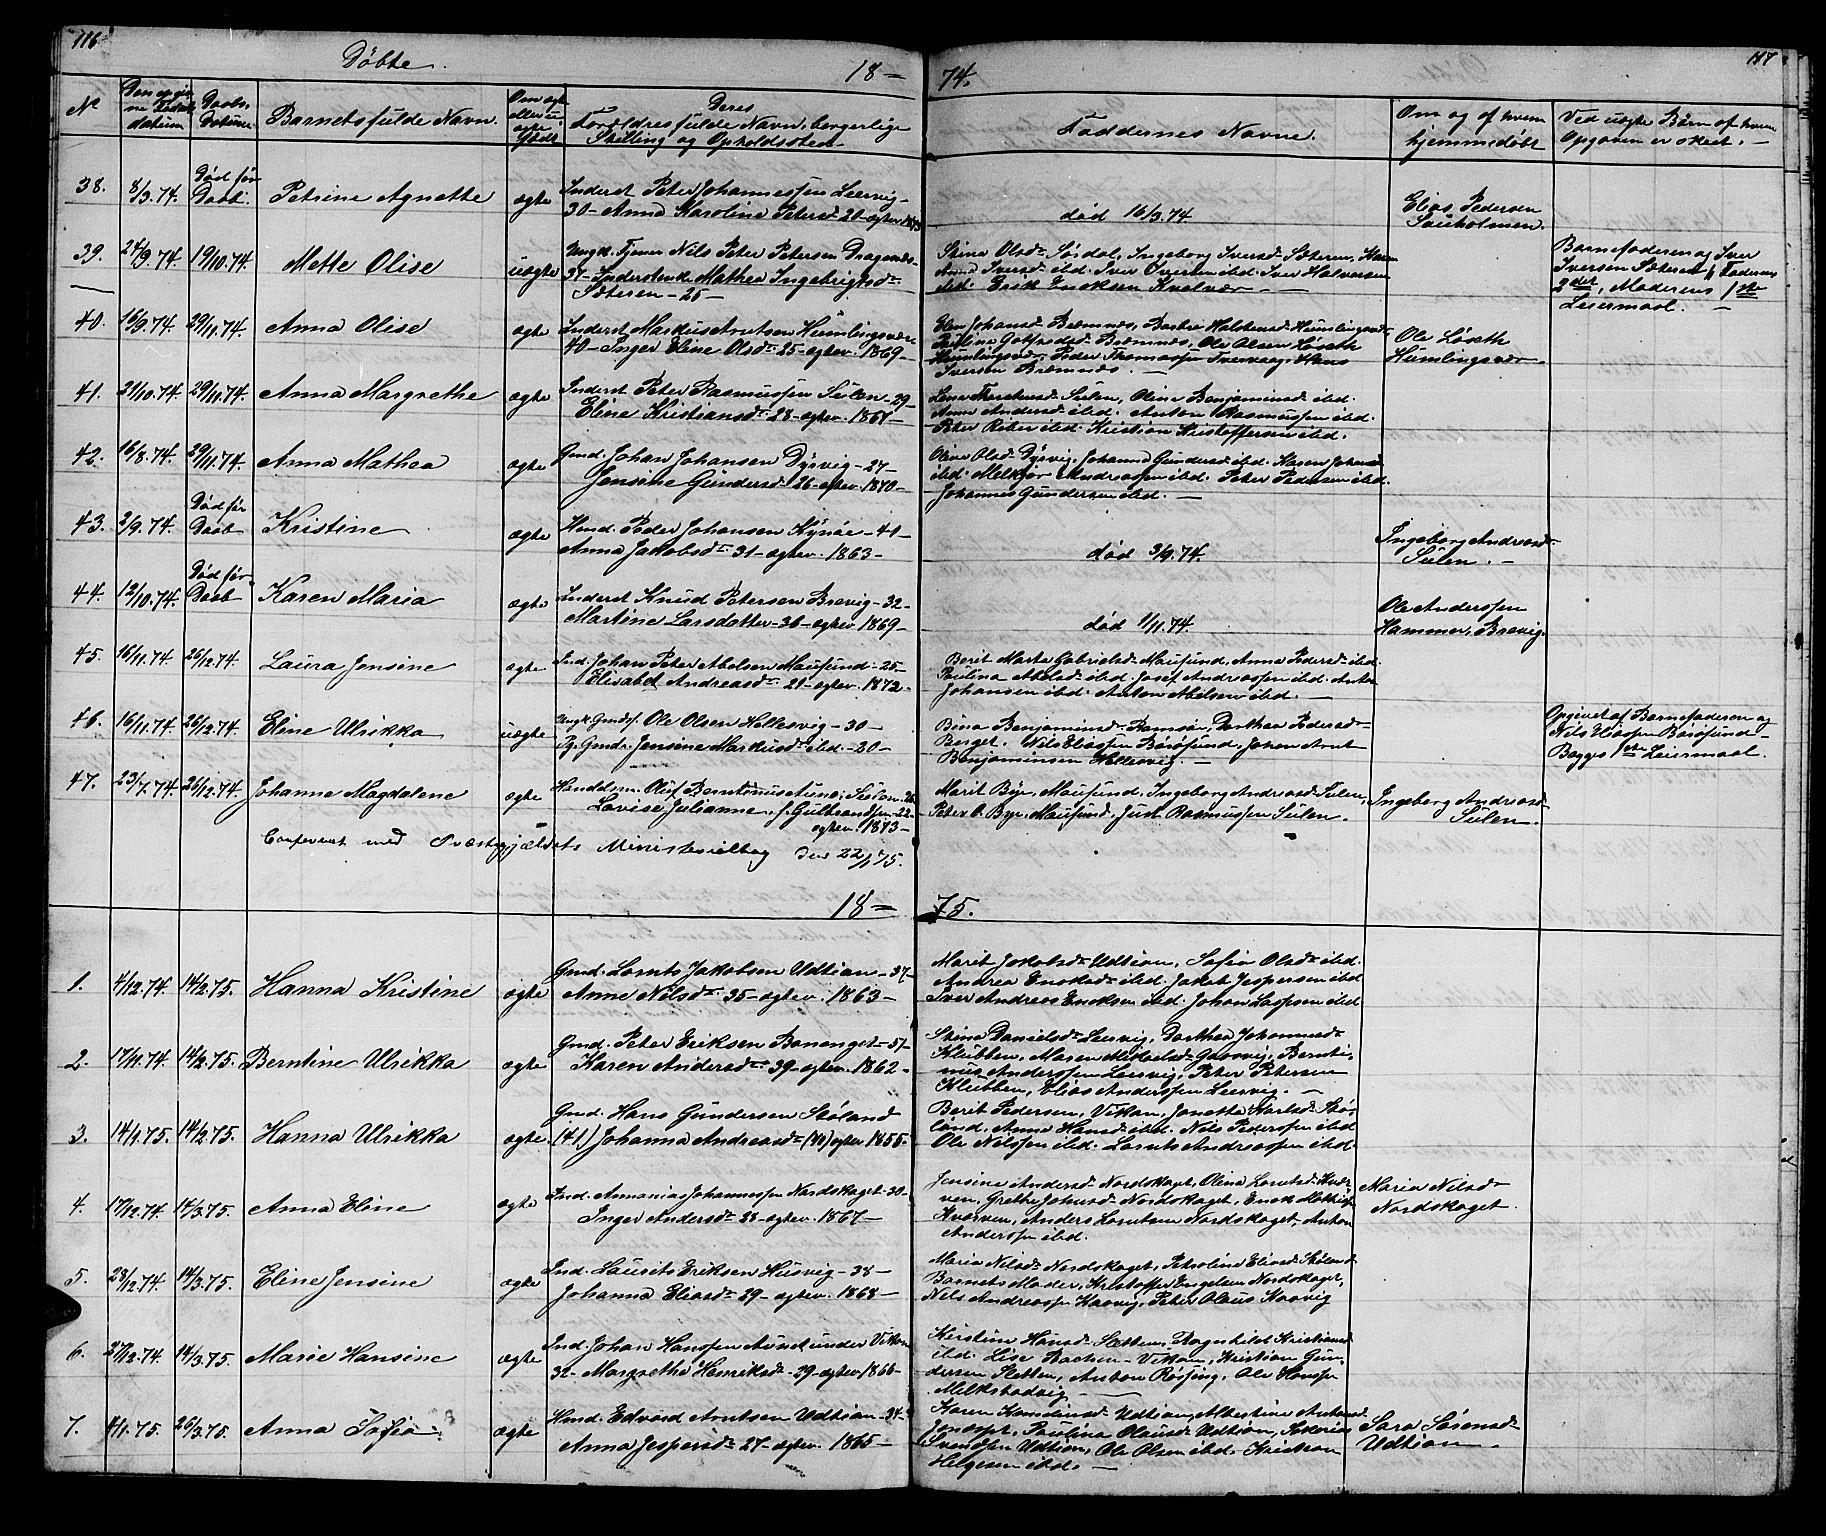 SAT, Ministerialprotokoller, klokkerbøker og fødselsregistre - Sør-Trøndelag, 640/L0583: Klokkerbok nr. 640C01, 1866-1877, s. 116-117